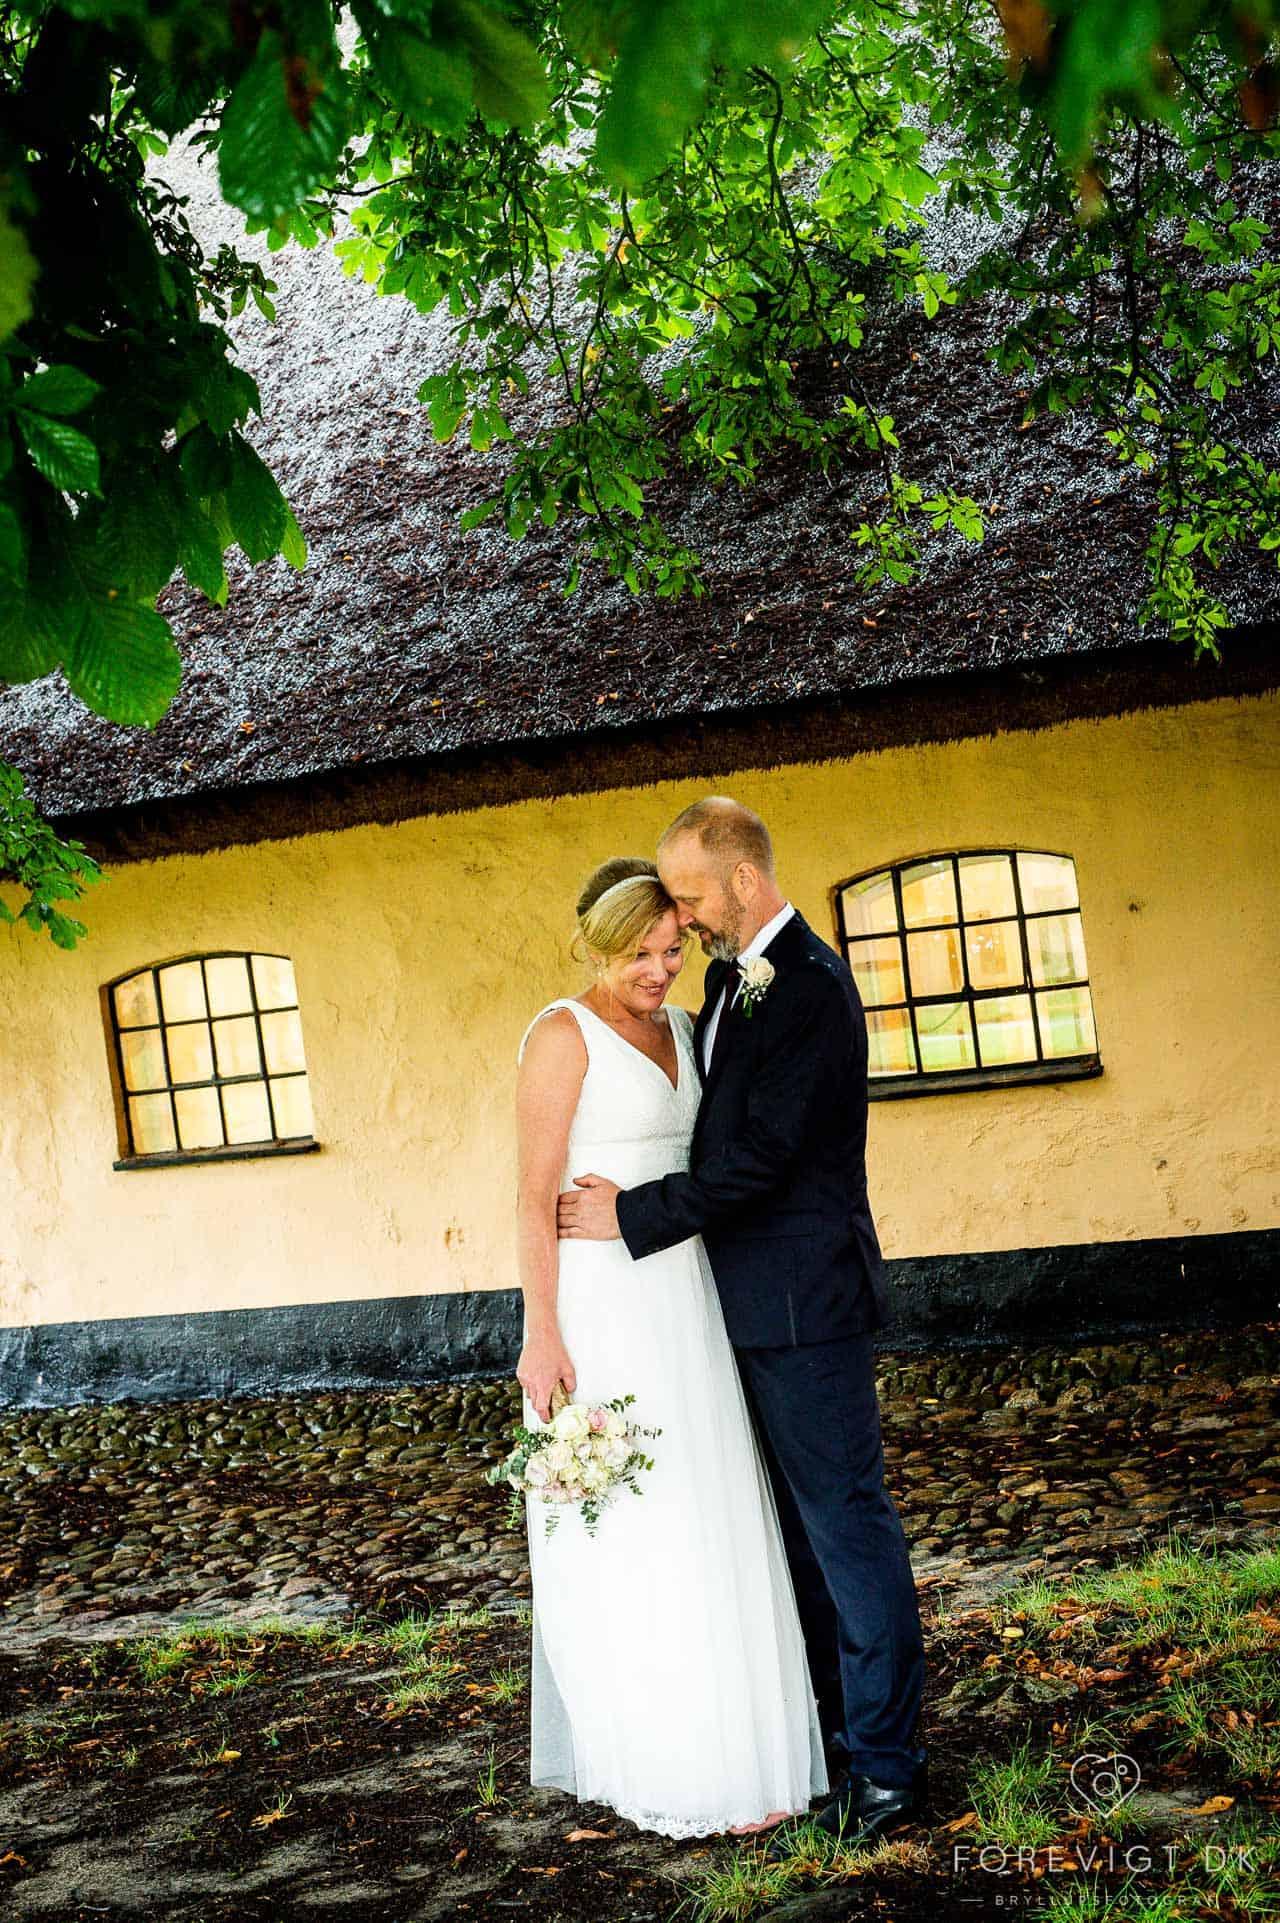 bryllupsportrætter af brudeparret alene